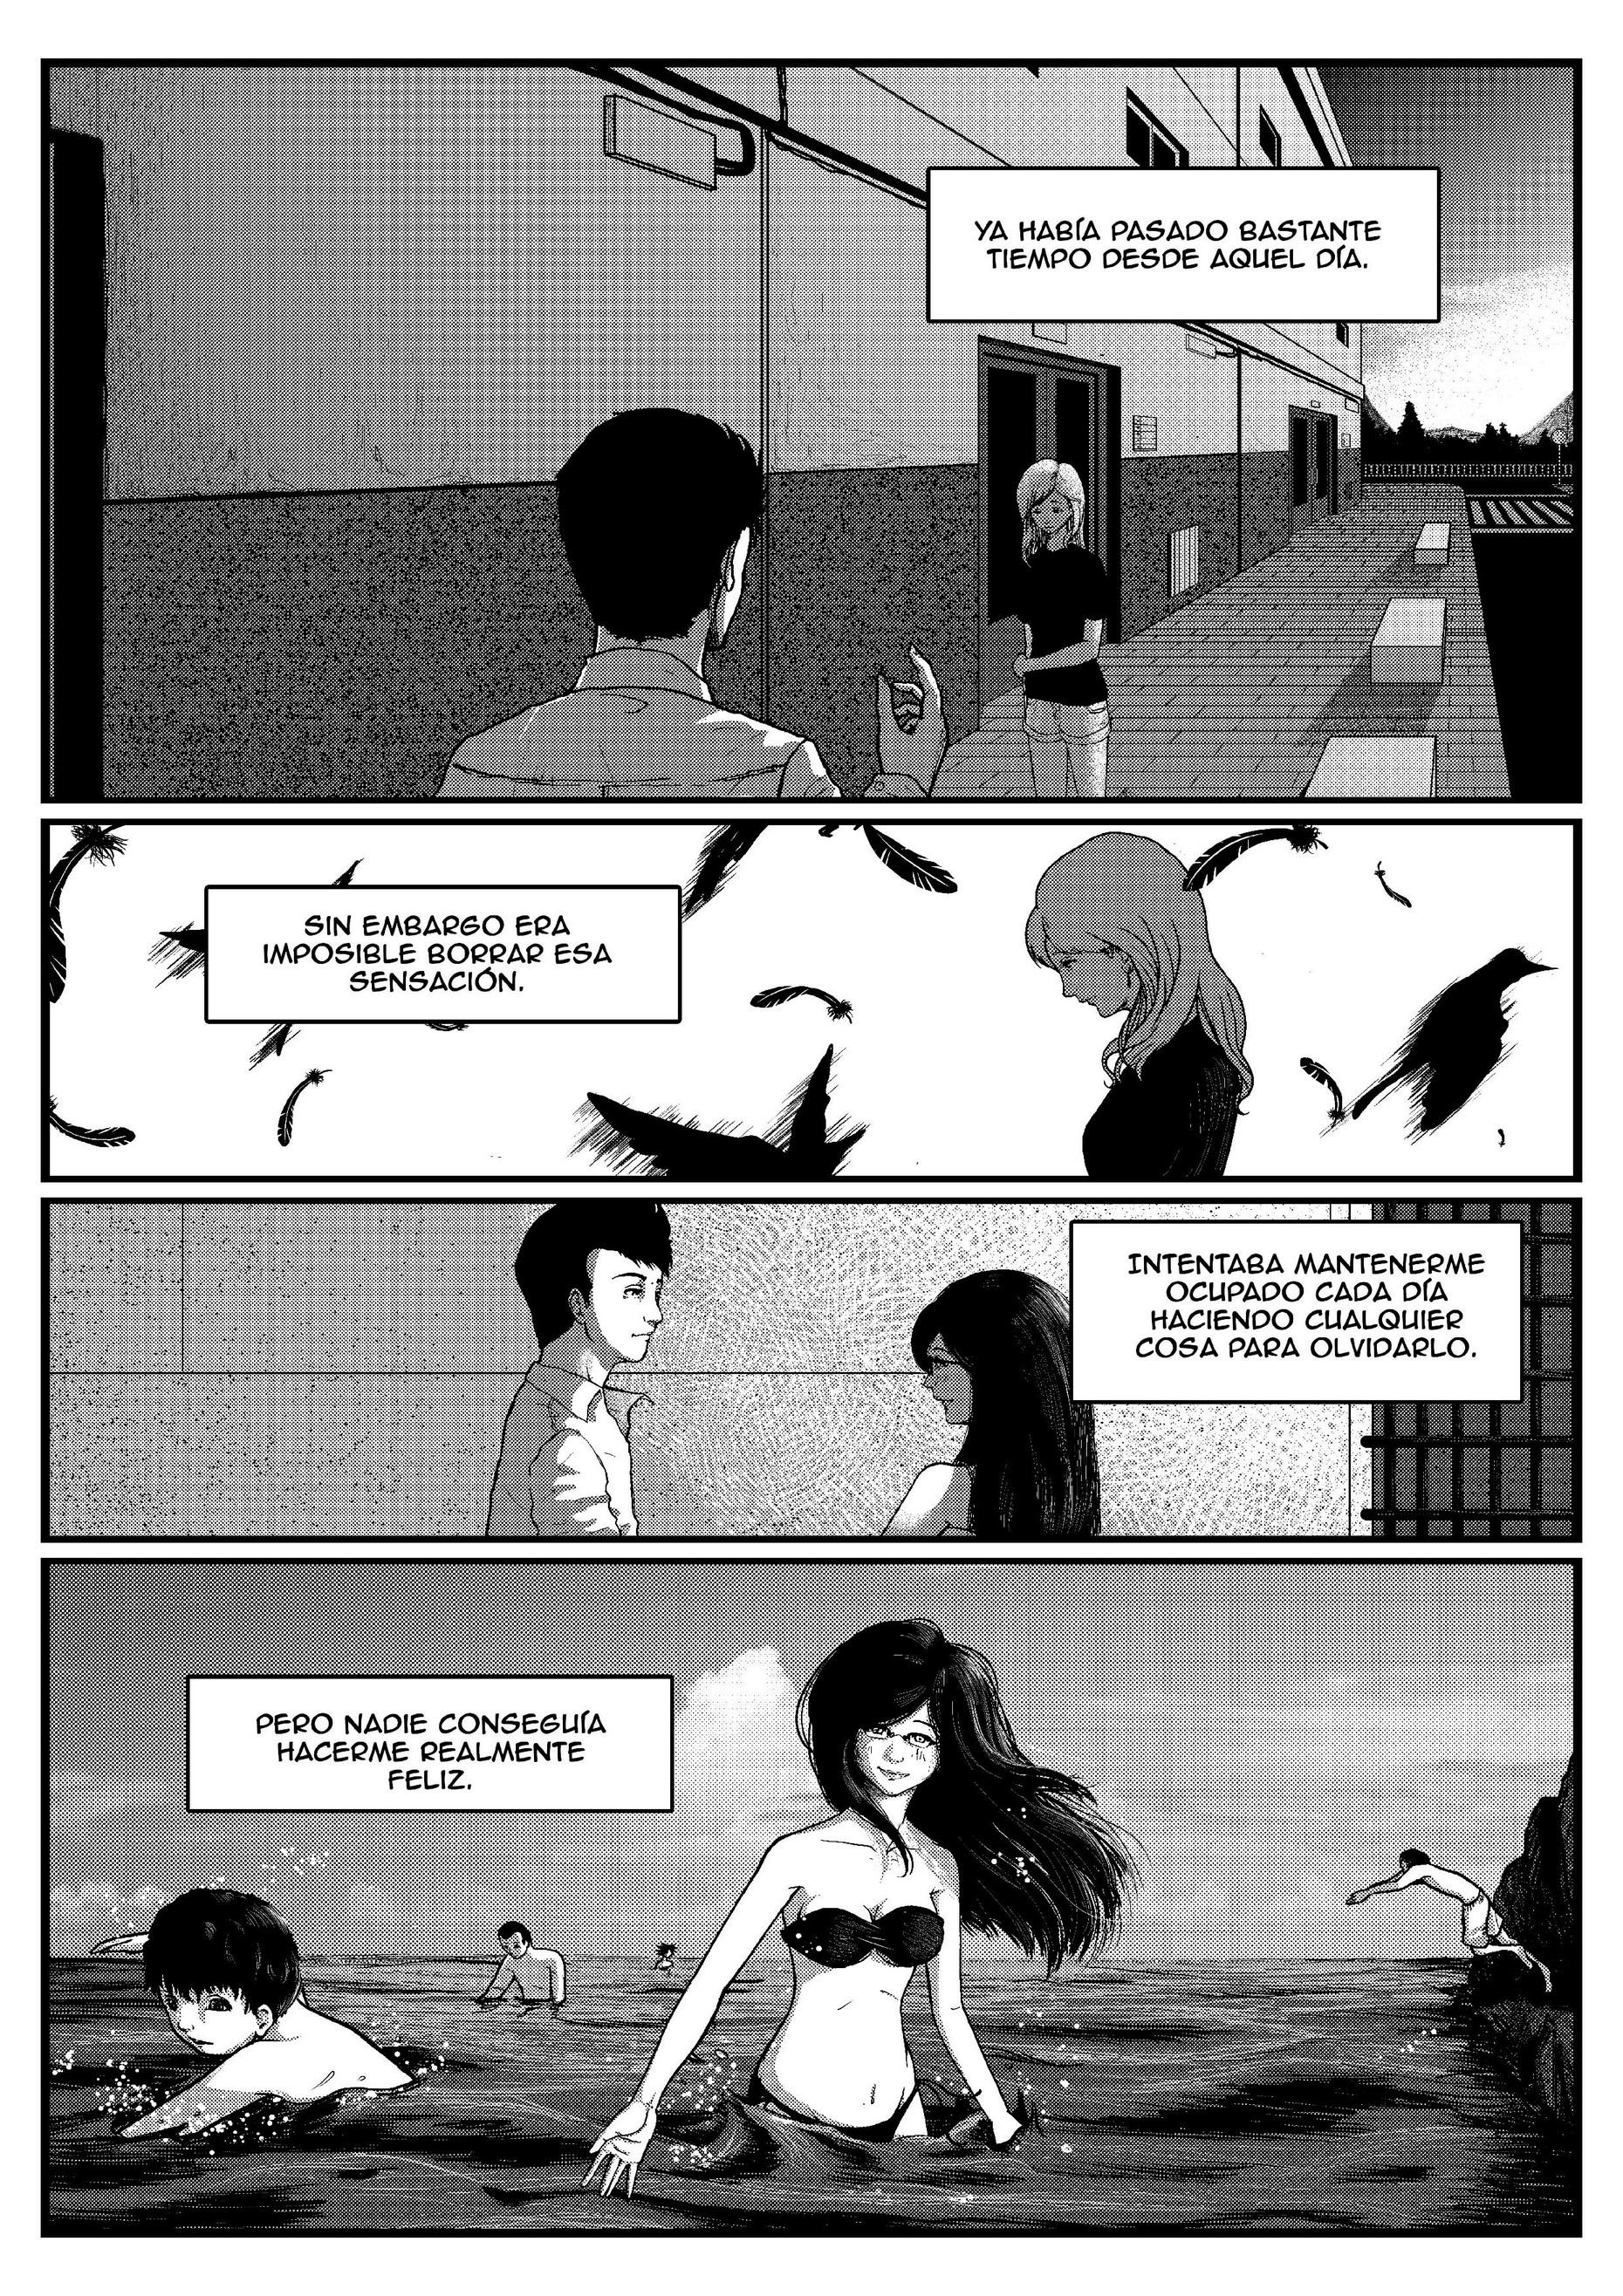 SinTi_Rubén_Burgos_Antonio_Heredia_pagina00001